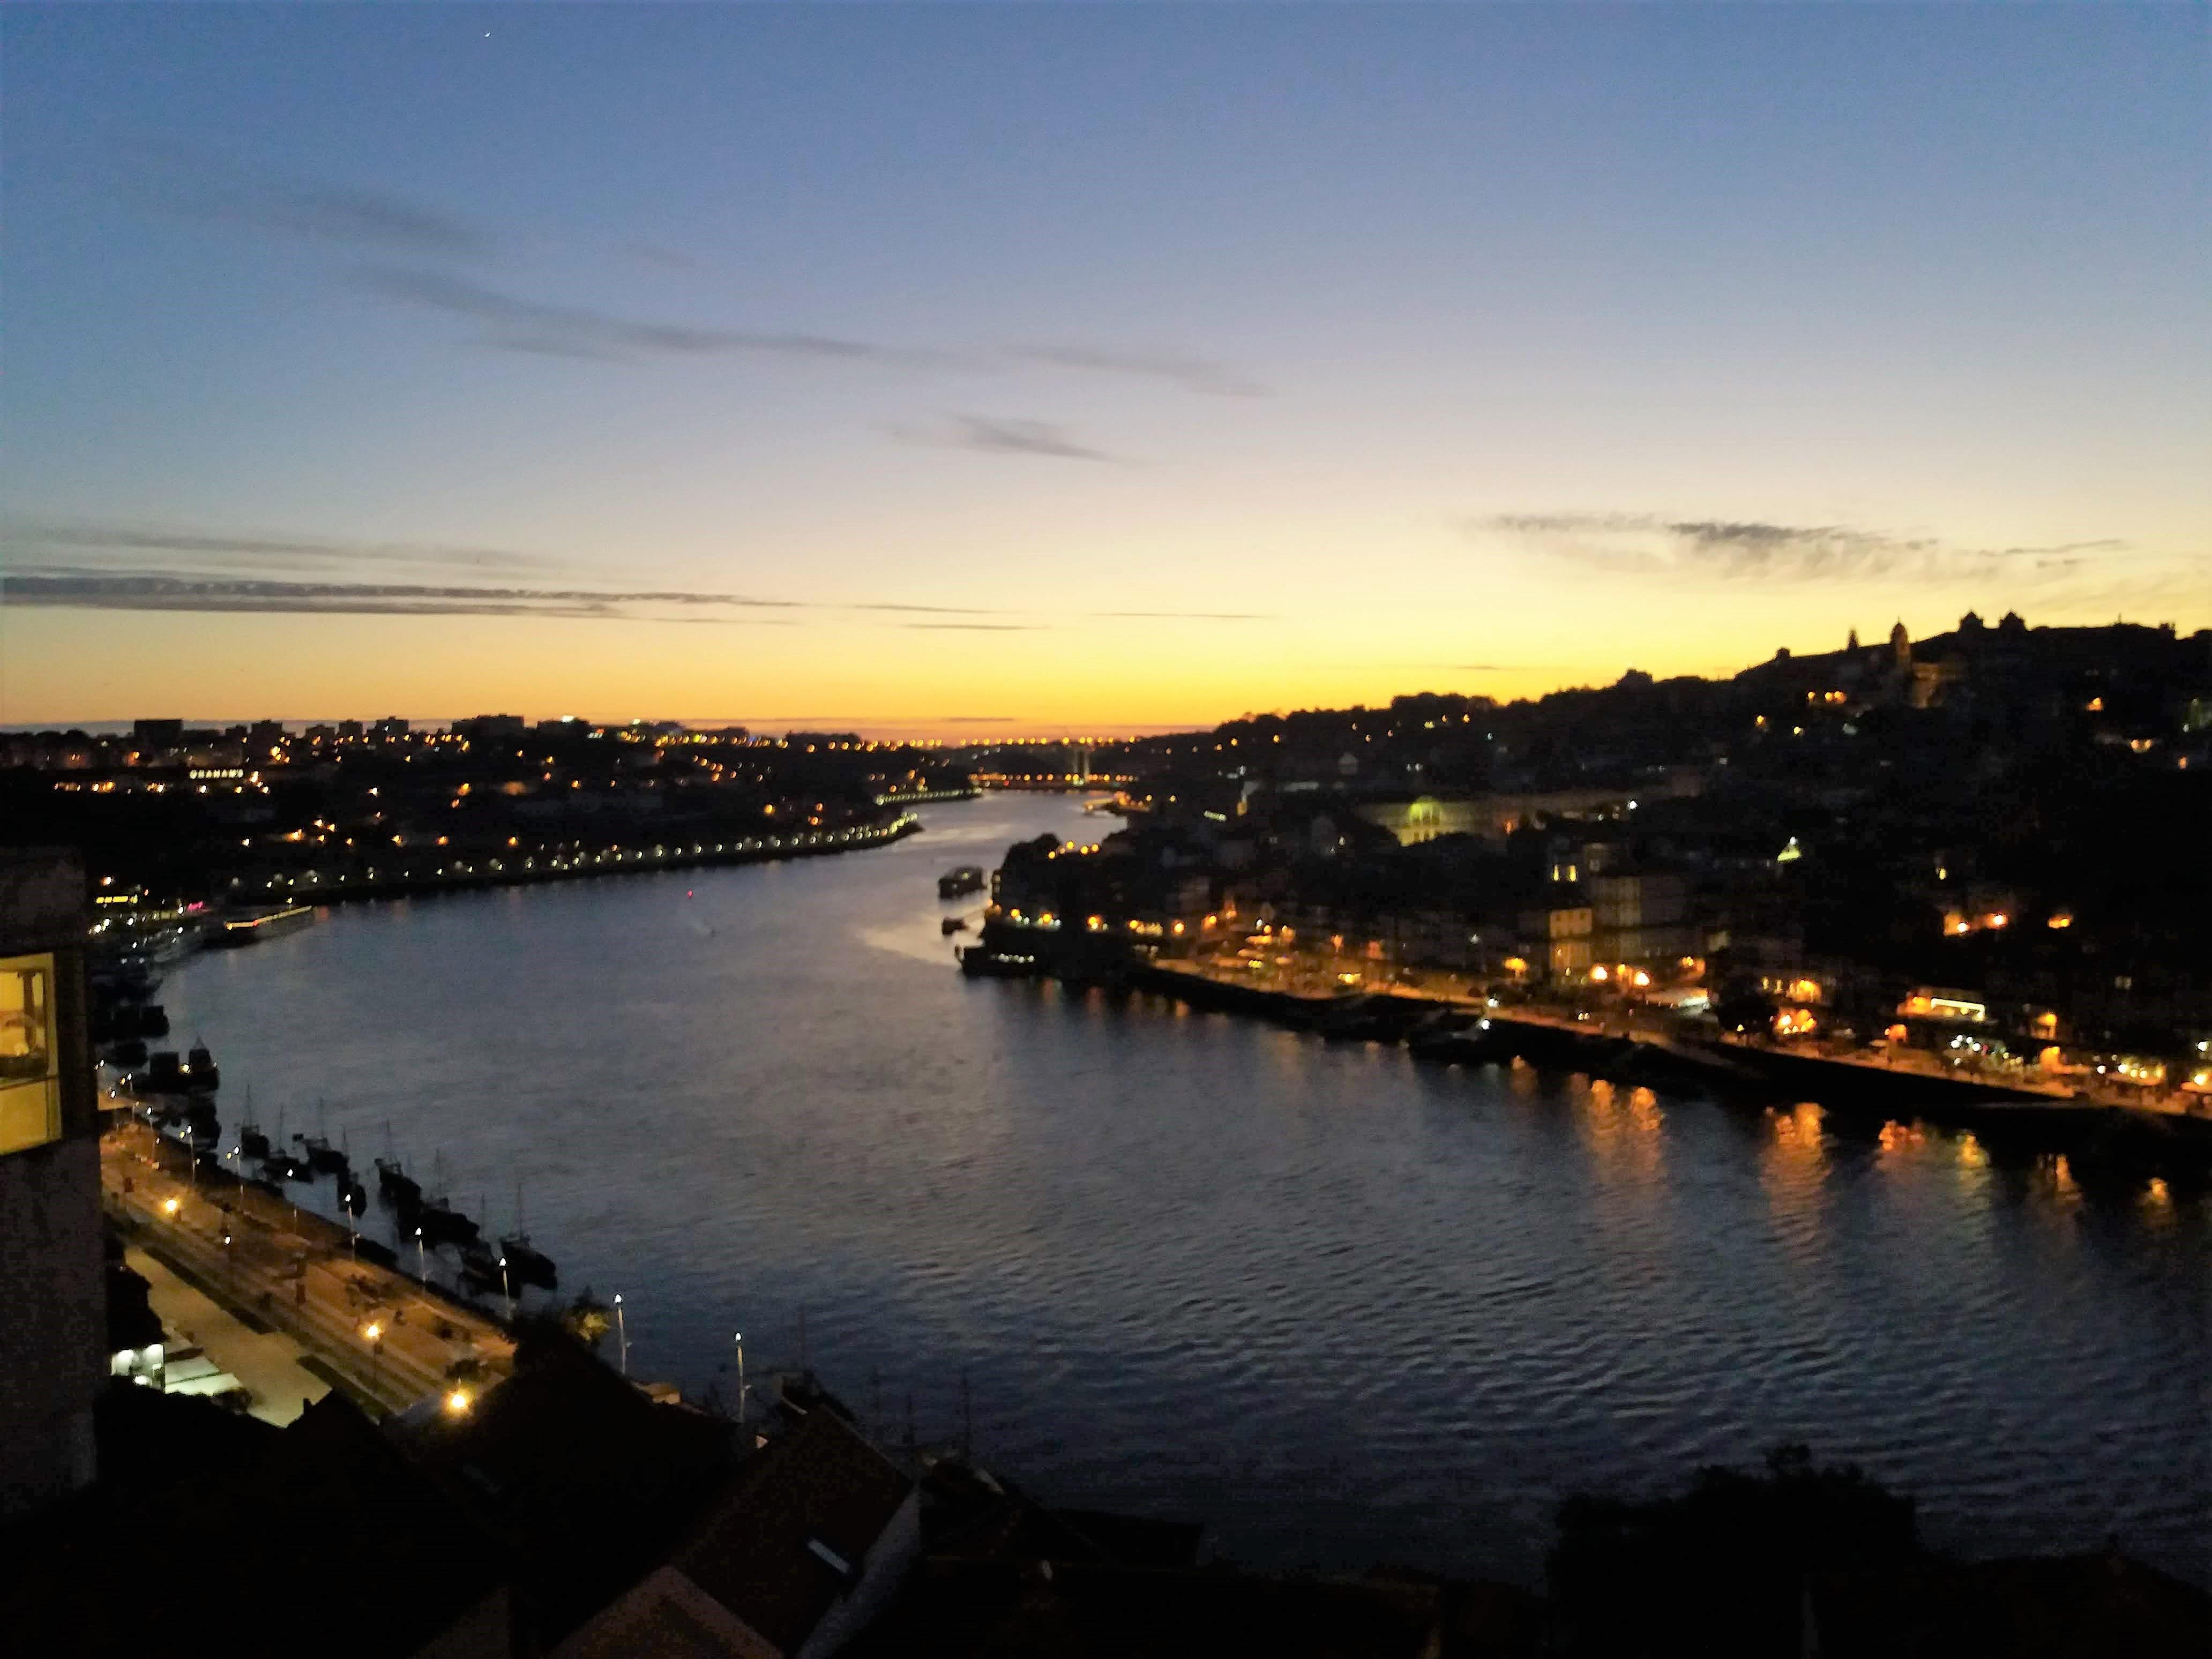 Com saudades do Porto!